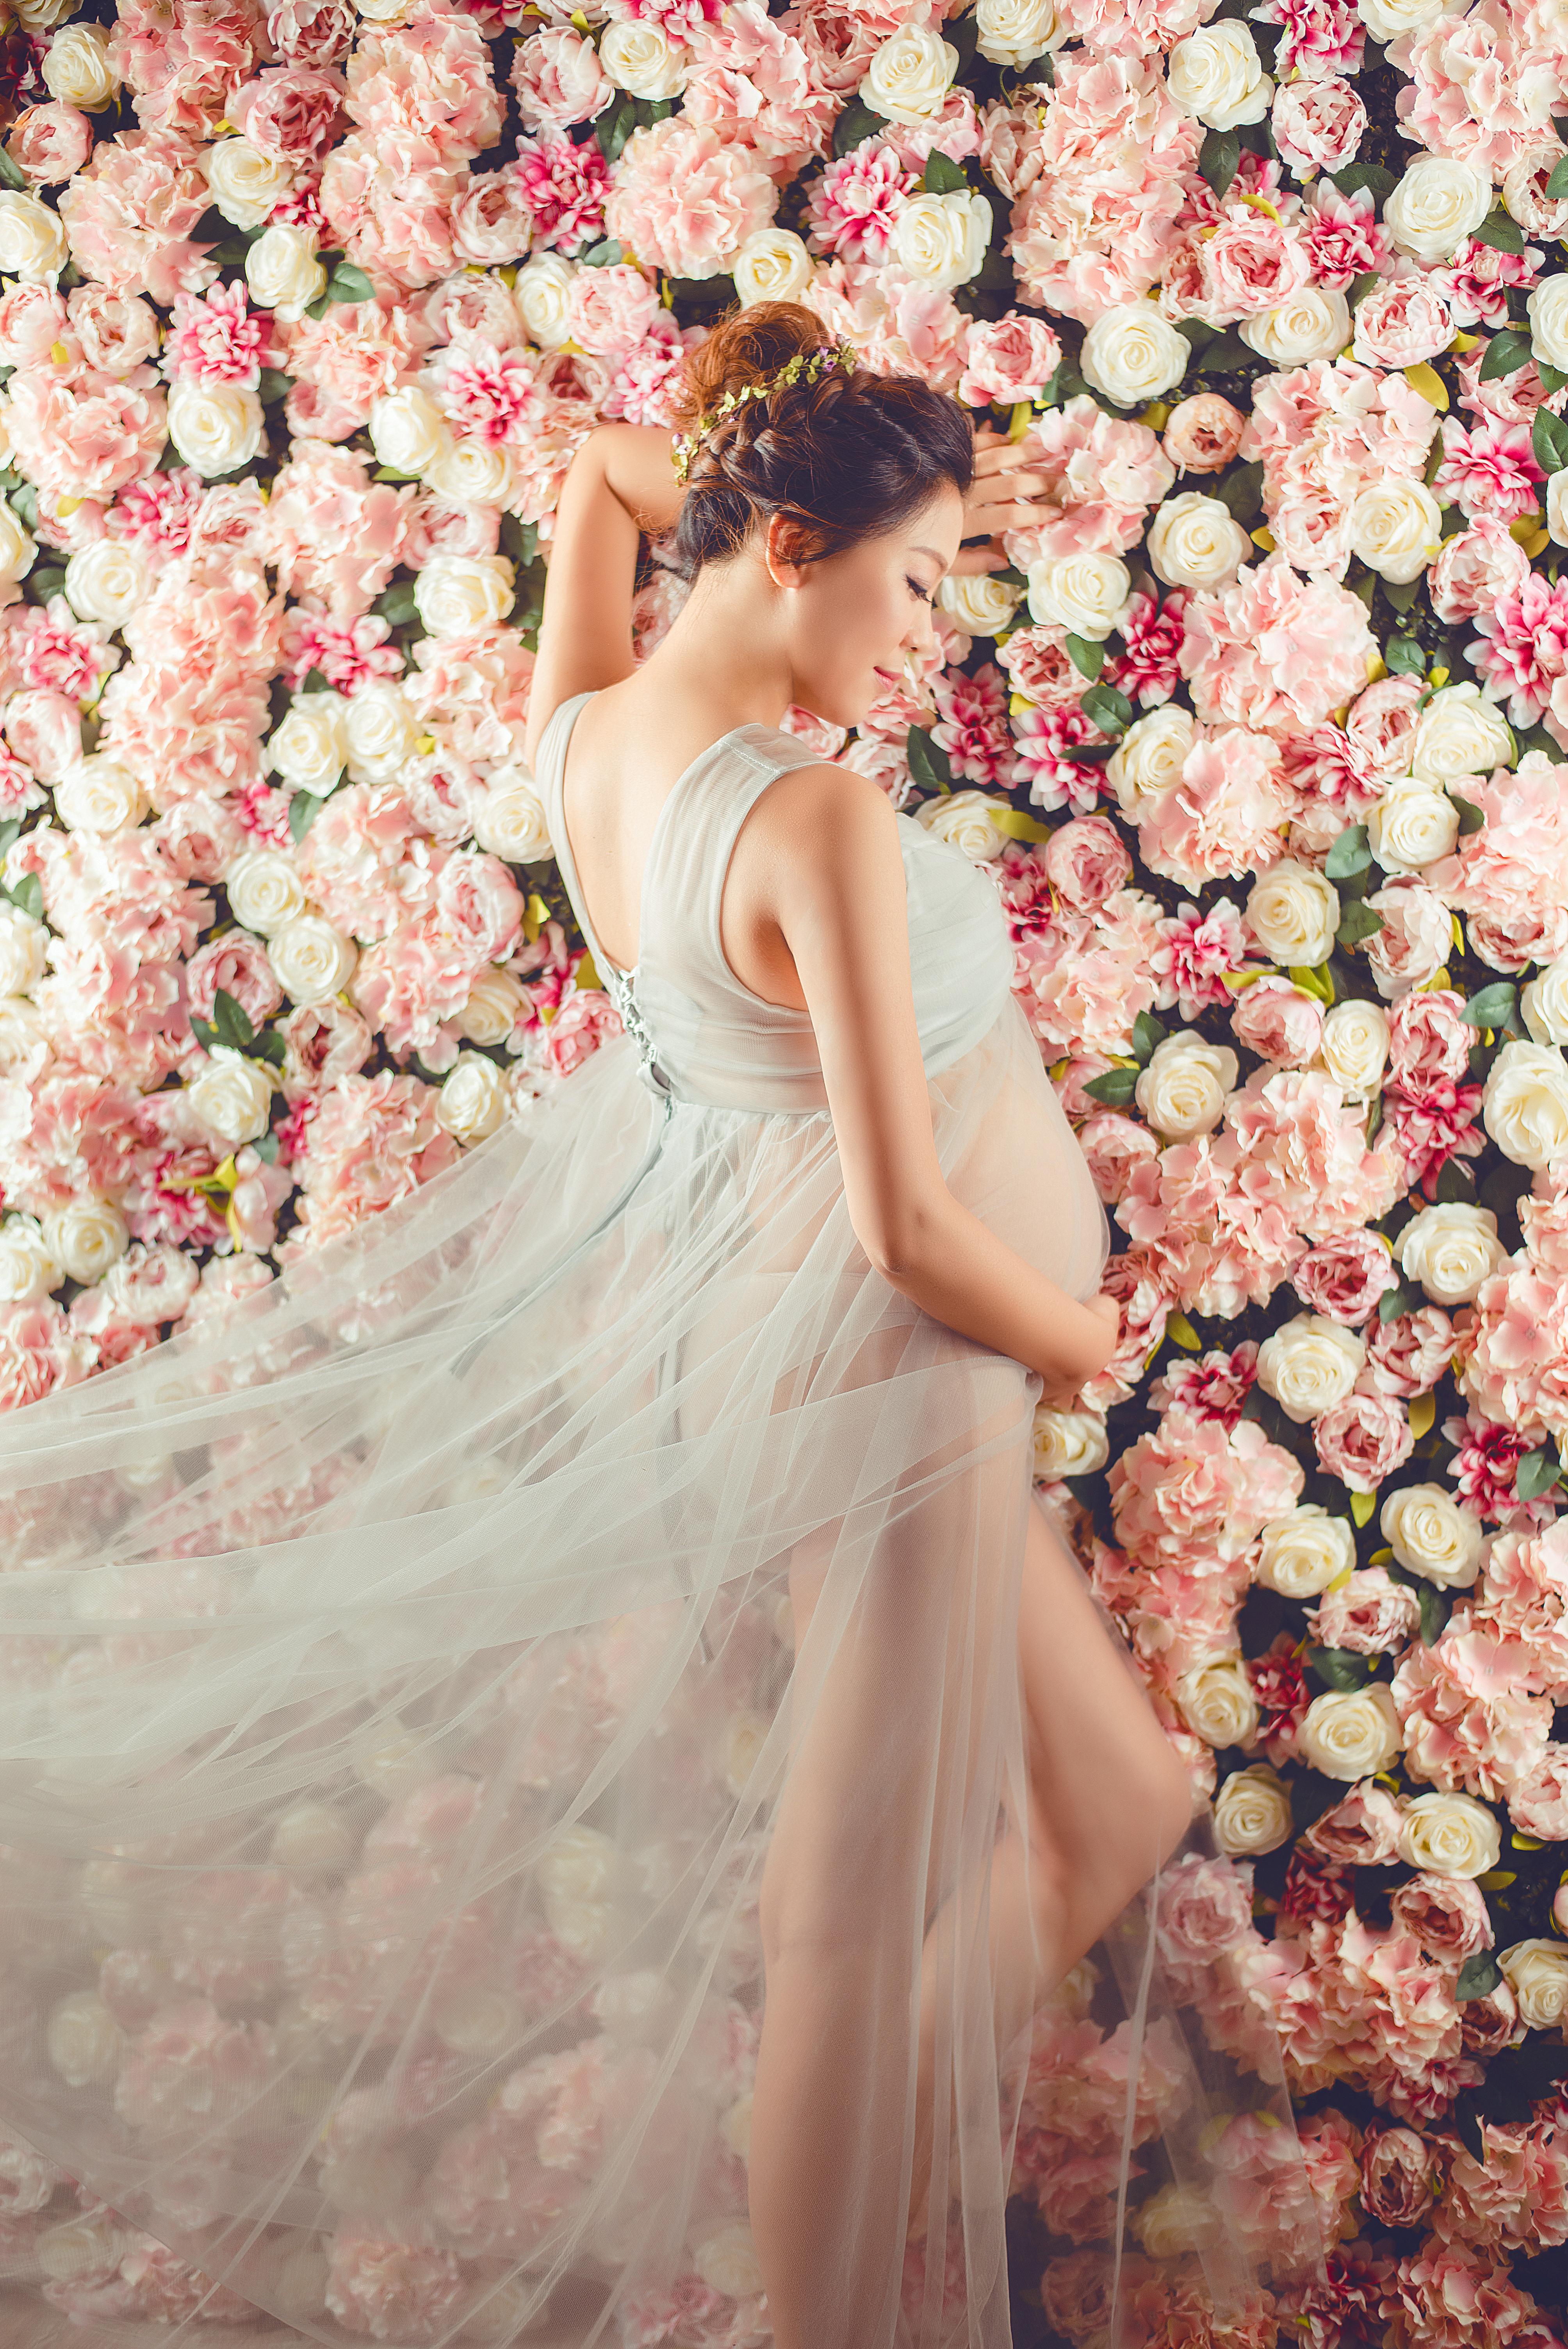 台中花牆孕婦寫真, 台中孕婦花叢超美, 台中孕婦唯美花牆